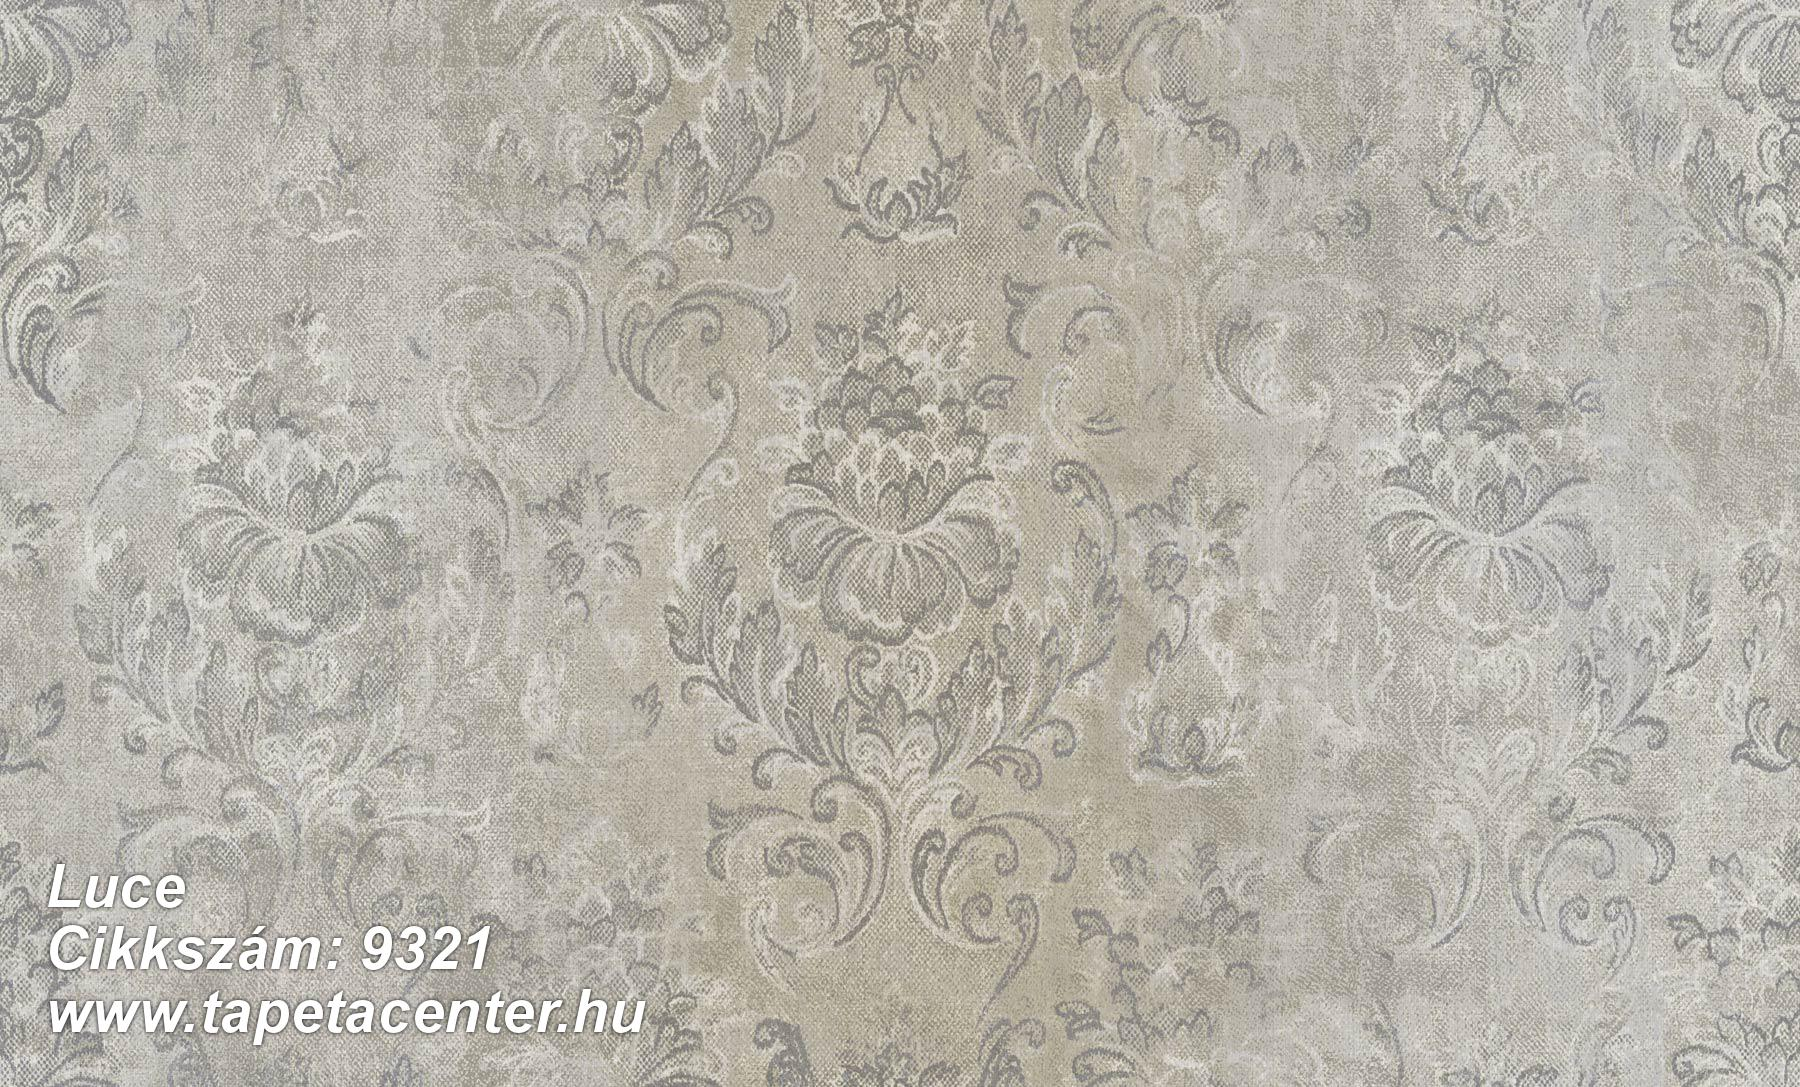 Barokk-klasszikus,különleges felületű,virágmintás,barna,szürke,vajszín,súrolható,vlies tapéta